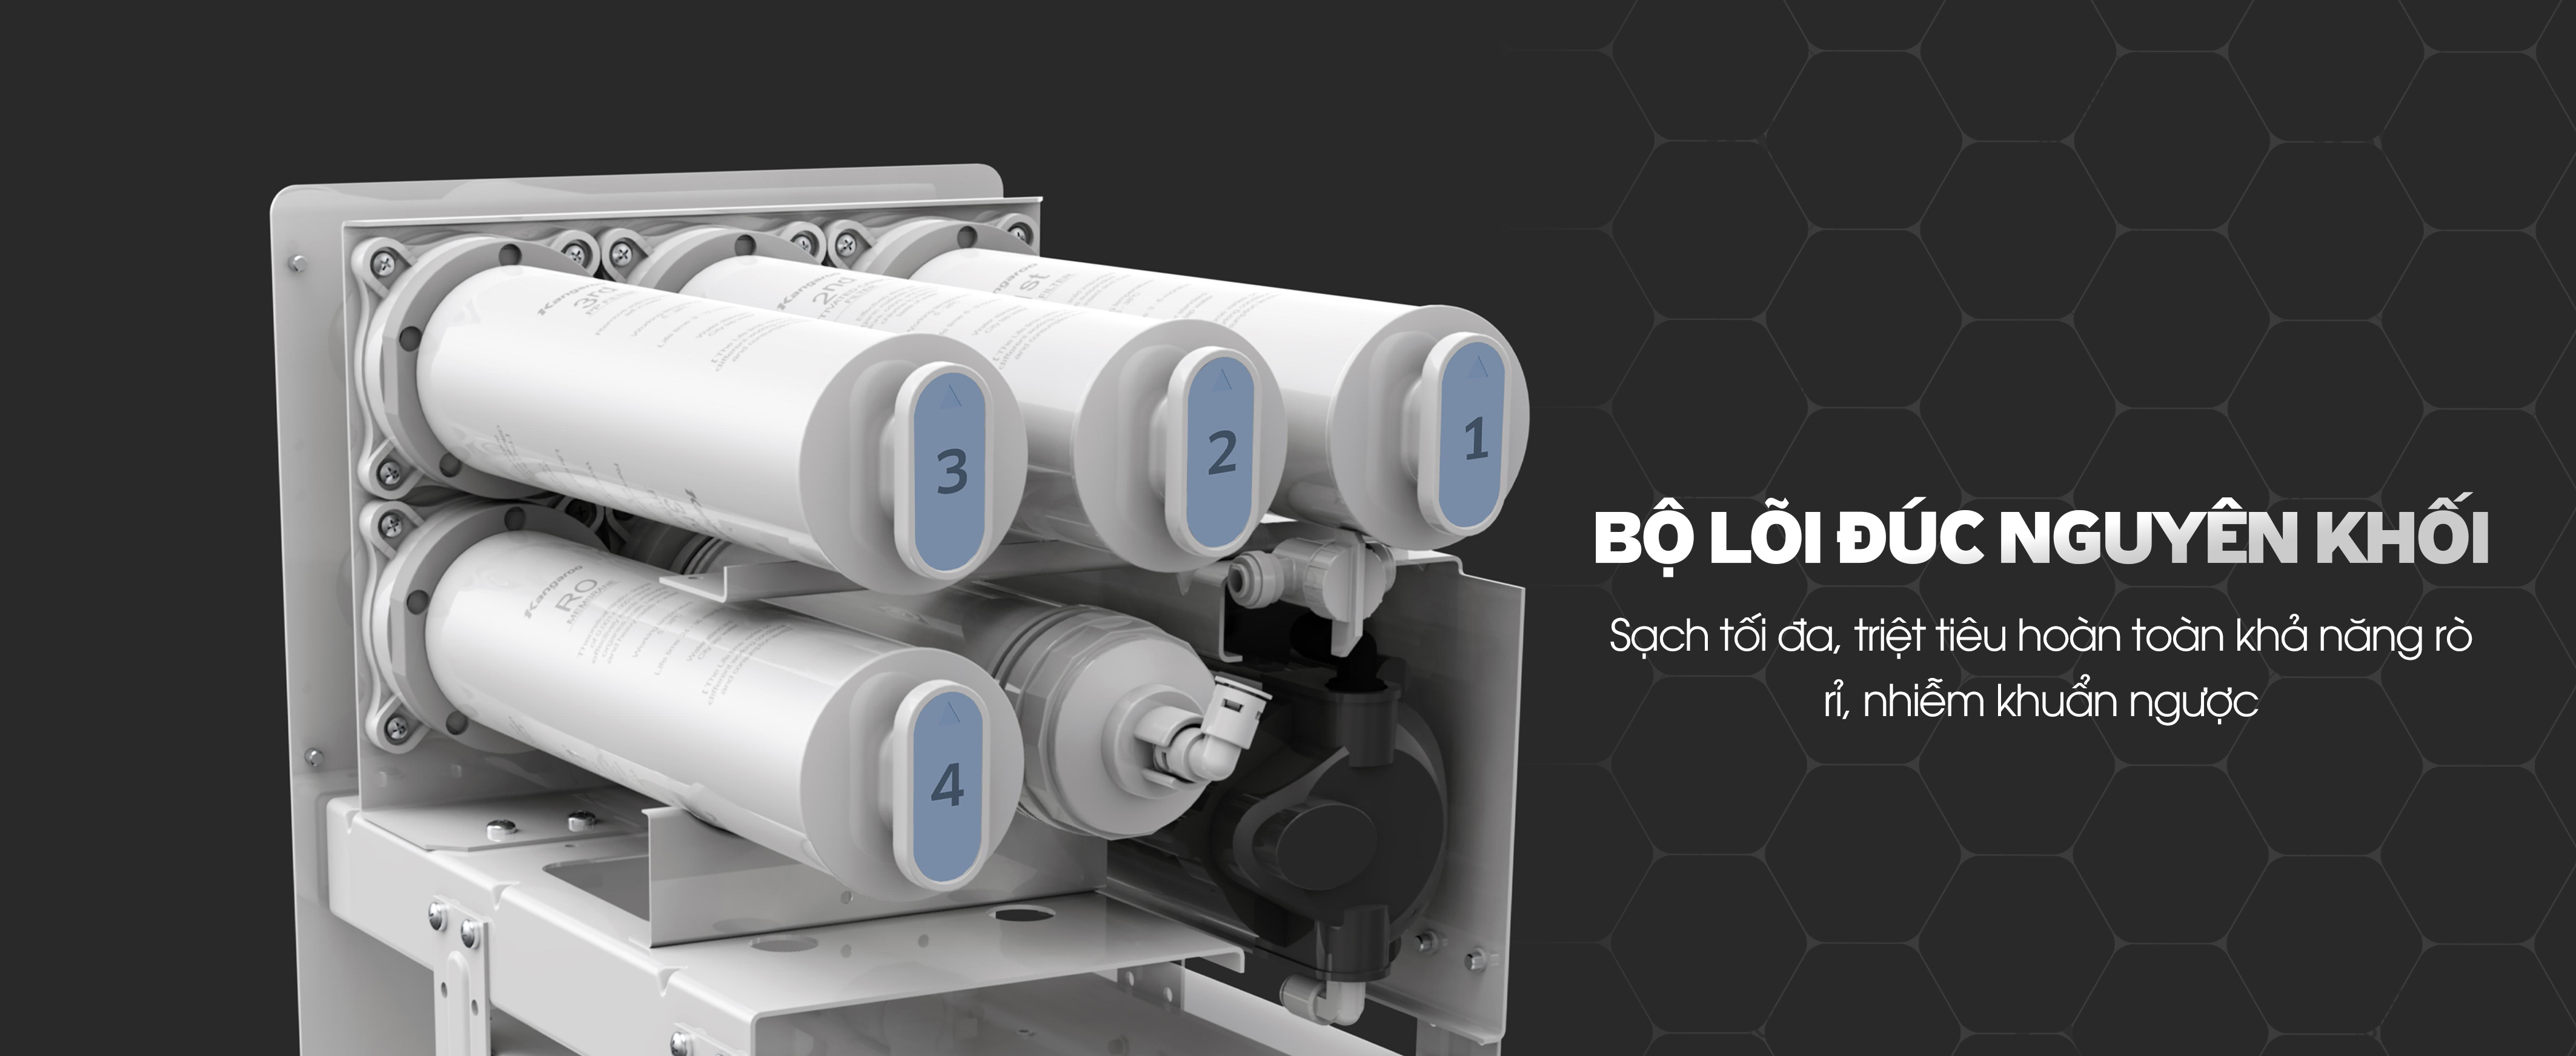 Máy lọc nước Hydrogen Lux với lõi đúc nguyên khối 5in1